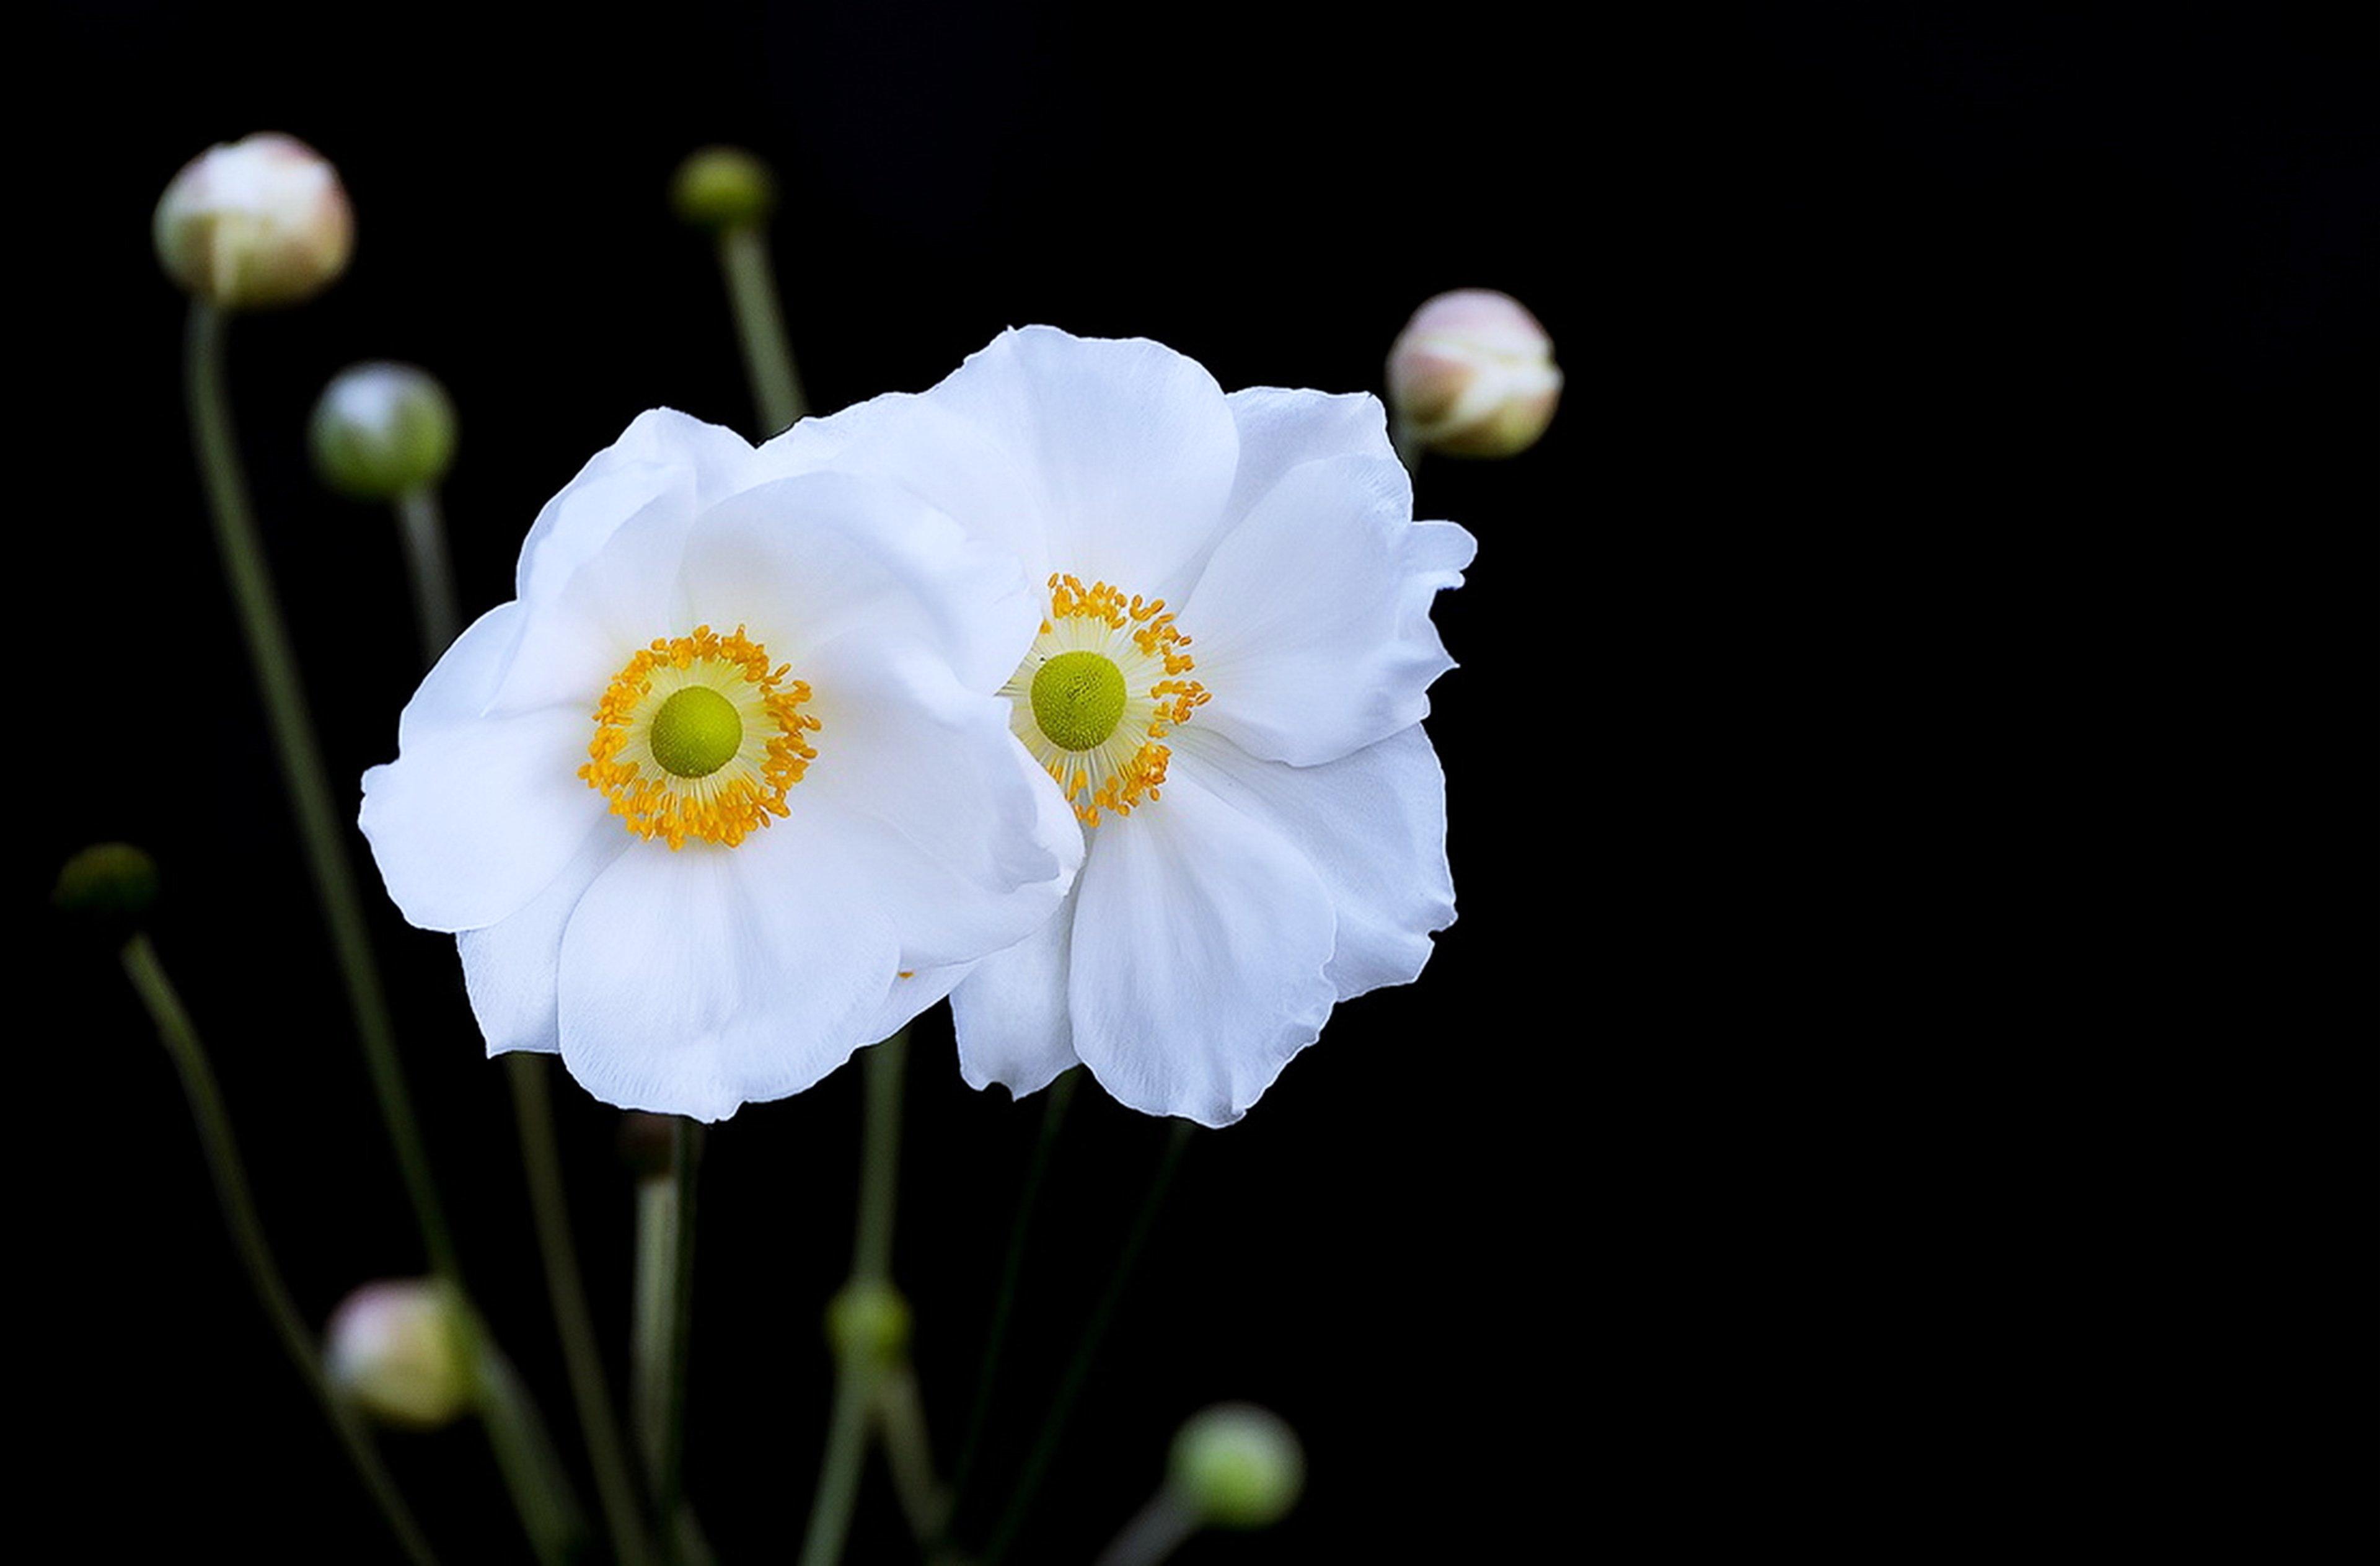 Flowers roses gardens nature spring landscape beauty tow ... White Rose Flower Garden Wallpaper